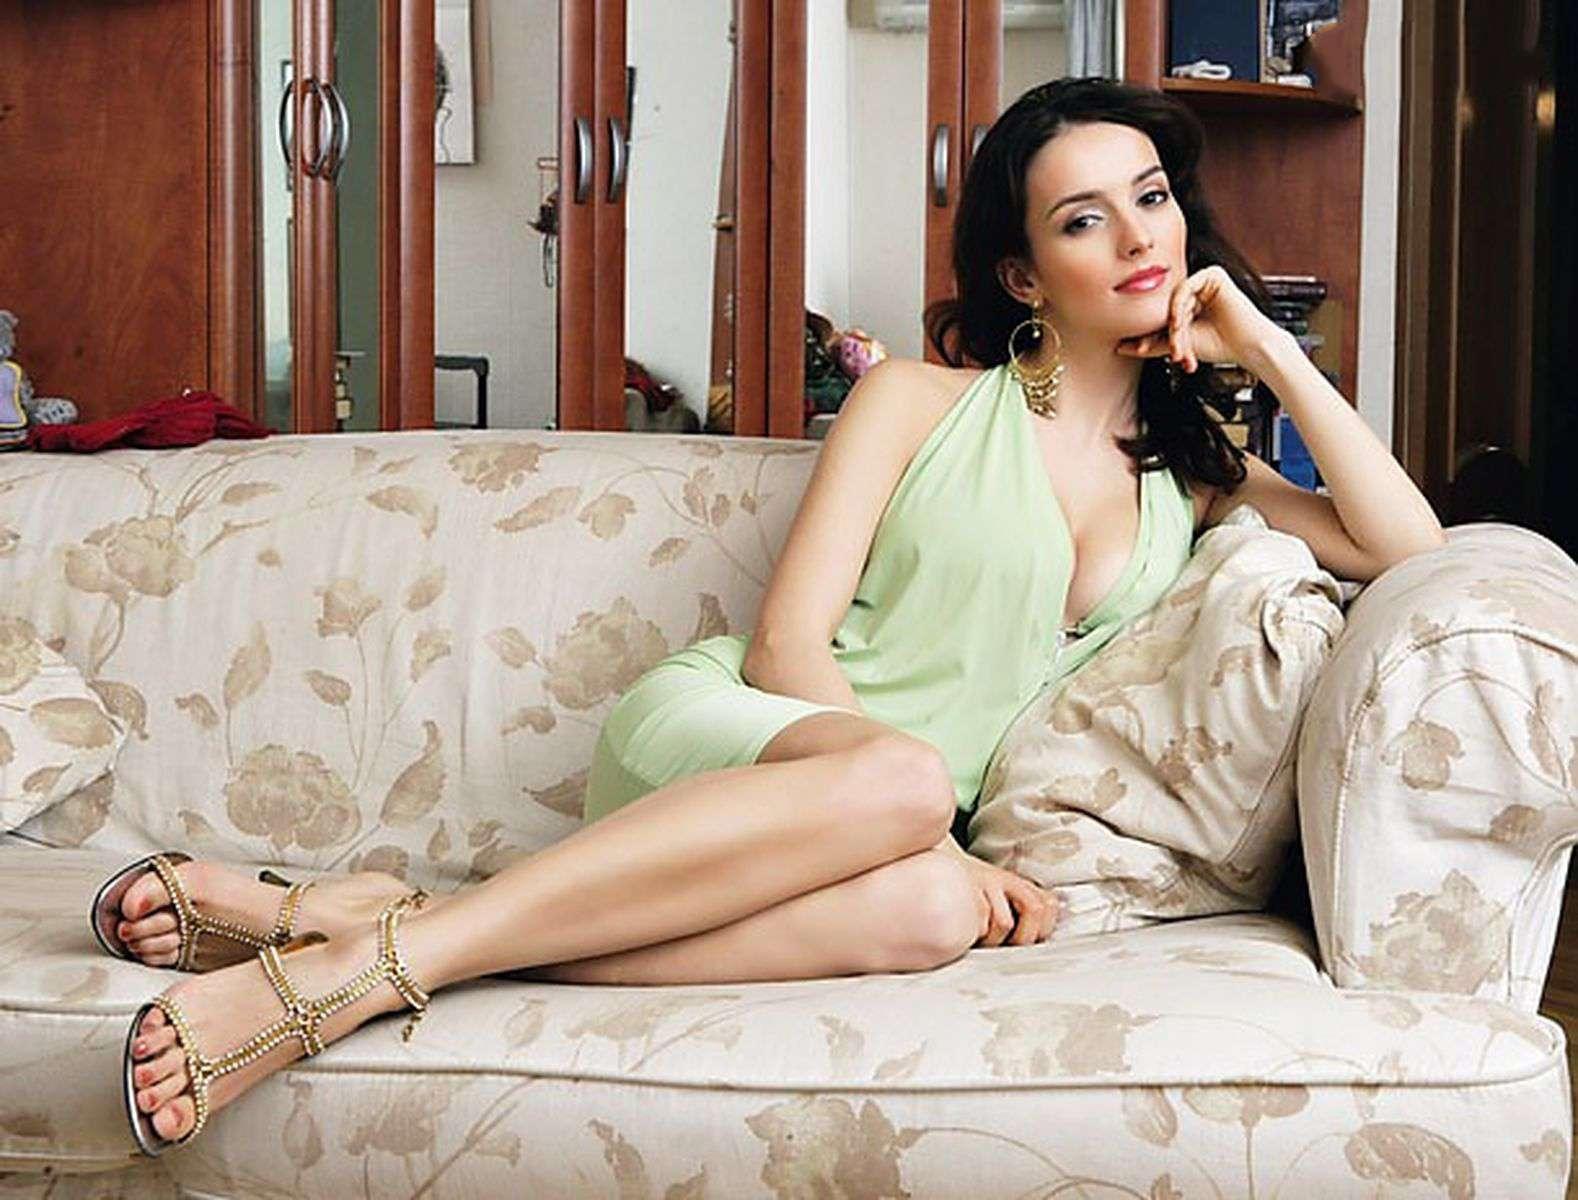 Как сейчас выглядит и чем занимается актриса, которая 15 лет назад сыграла Кармелиту в сериале про цыган актриса,звезда,Кармелита,наши звезды,фильм,фото,шоубиz,шоубиз,Юлия Зимина